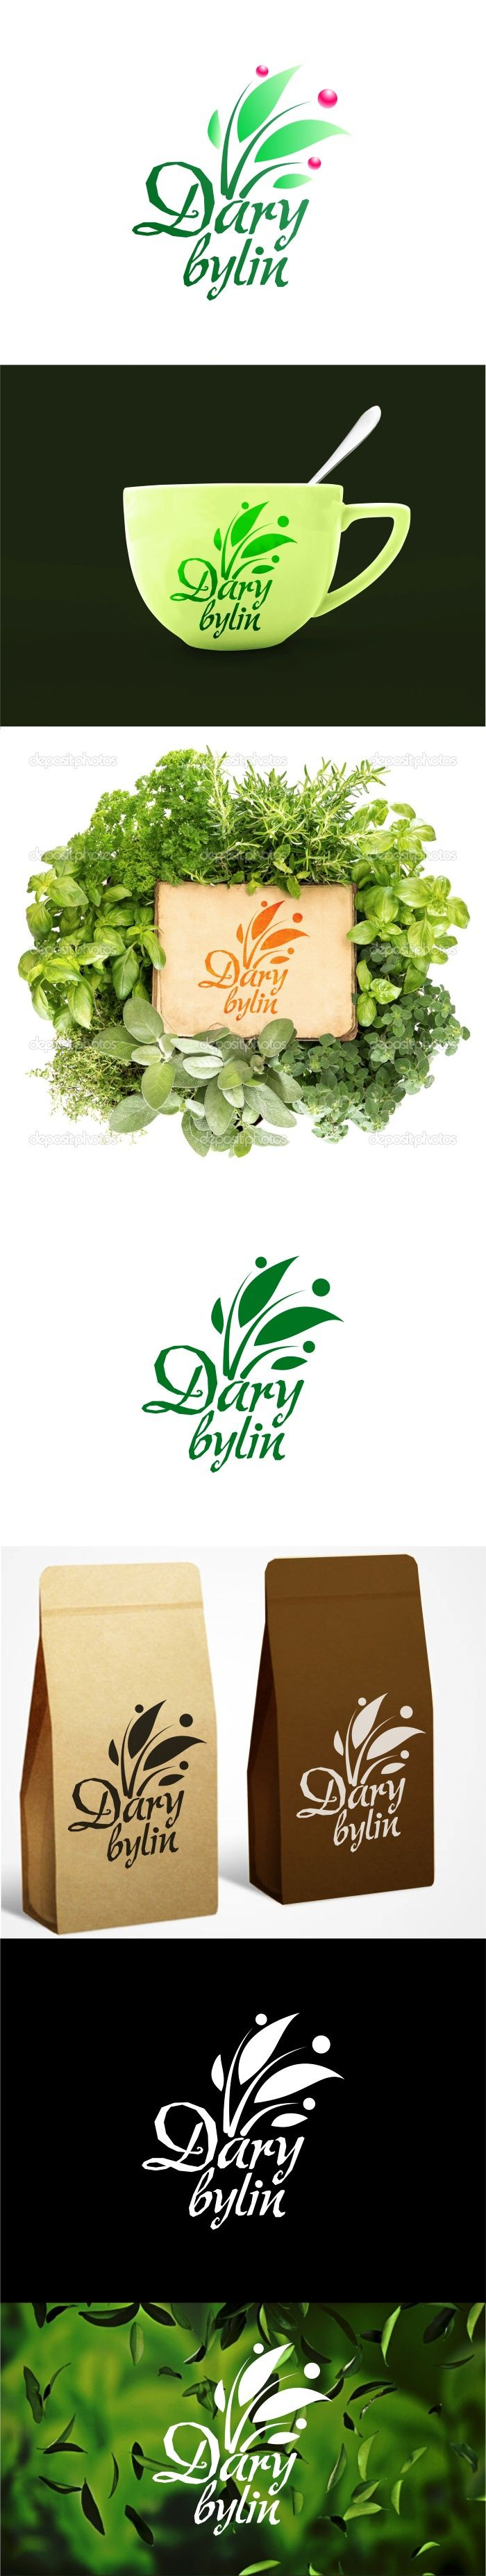 """Podívejte se na můj projekt @Behance: """"Dary bylin / """"Donations from herbs"""" logo"""" https://www.behance.net/gallery/43314805/Dary-bylin-Donations-from-herbs-logo."""